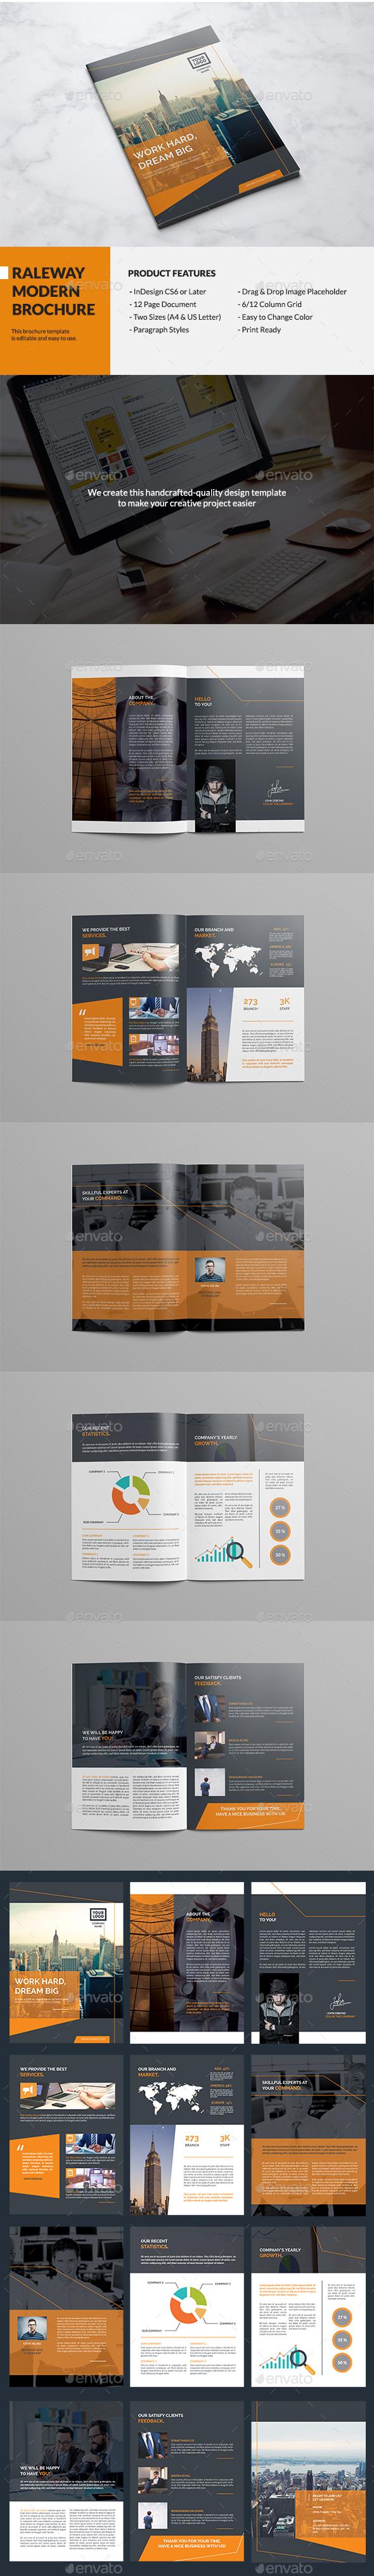 Raleway Modern Brochure - Corporate Brochures